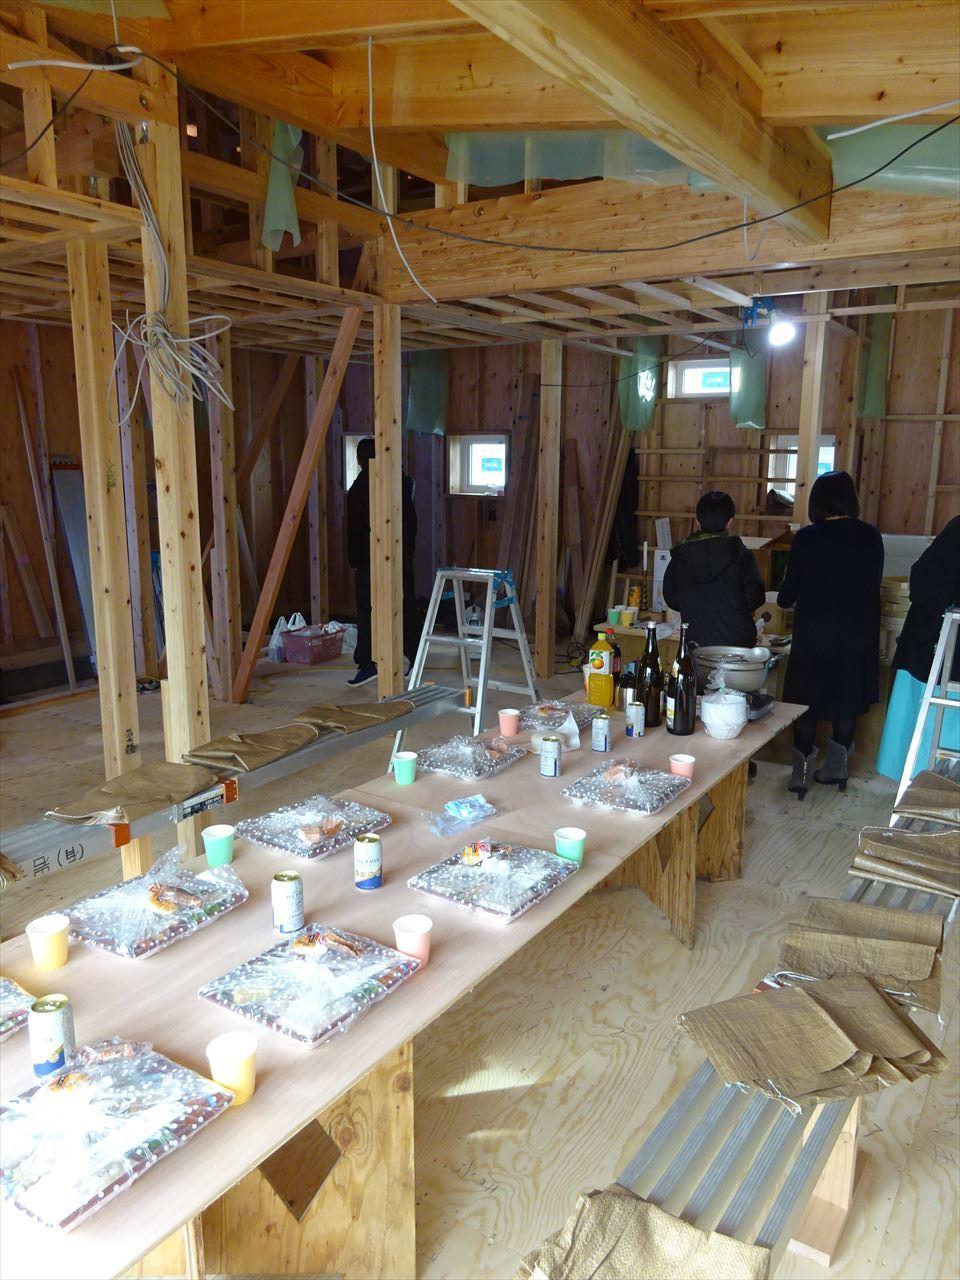 田沢湖の家 上棟式を執り行いました!_f0105112_16303427.jpg